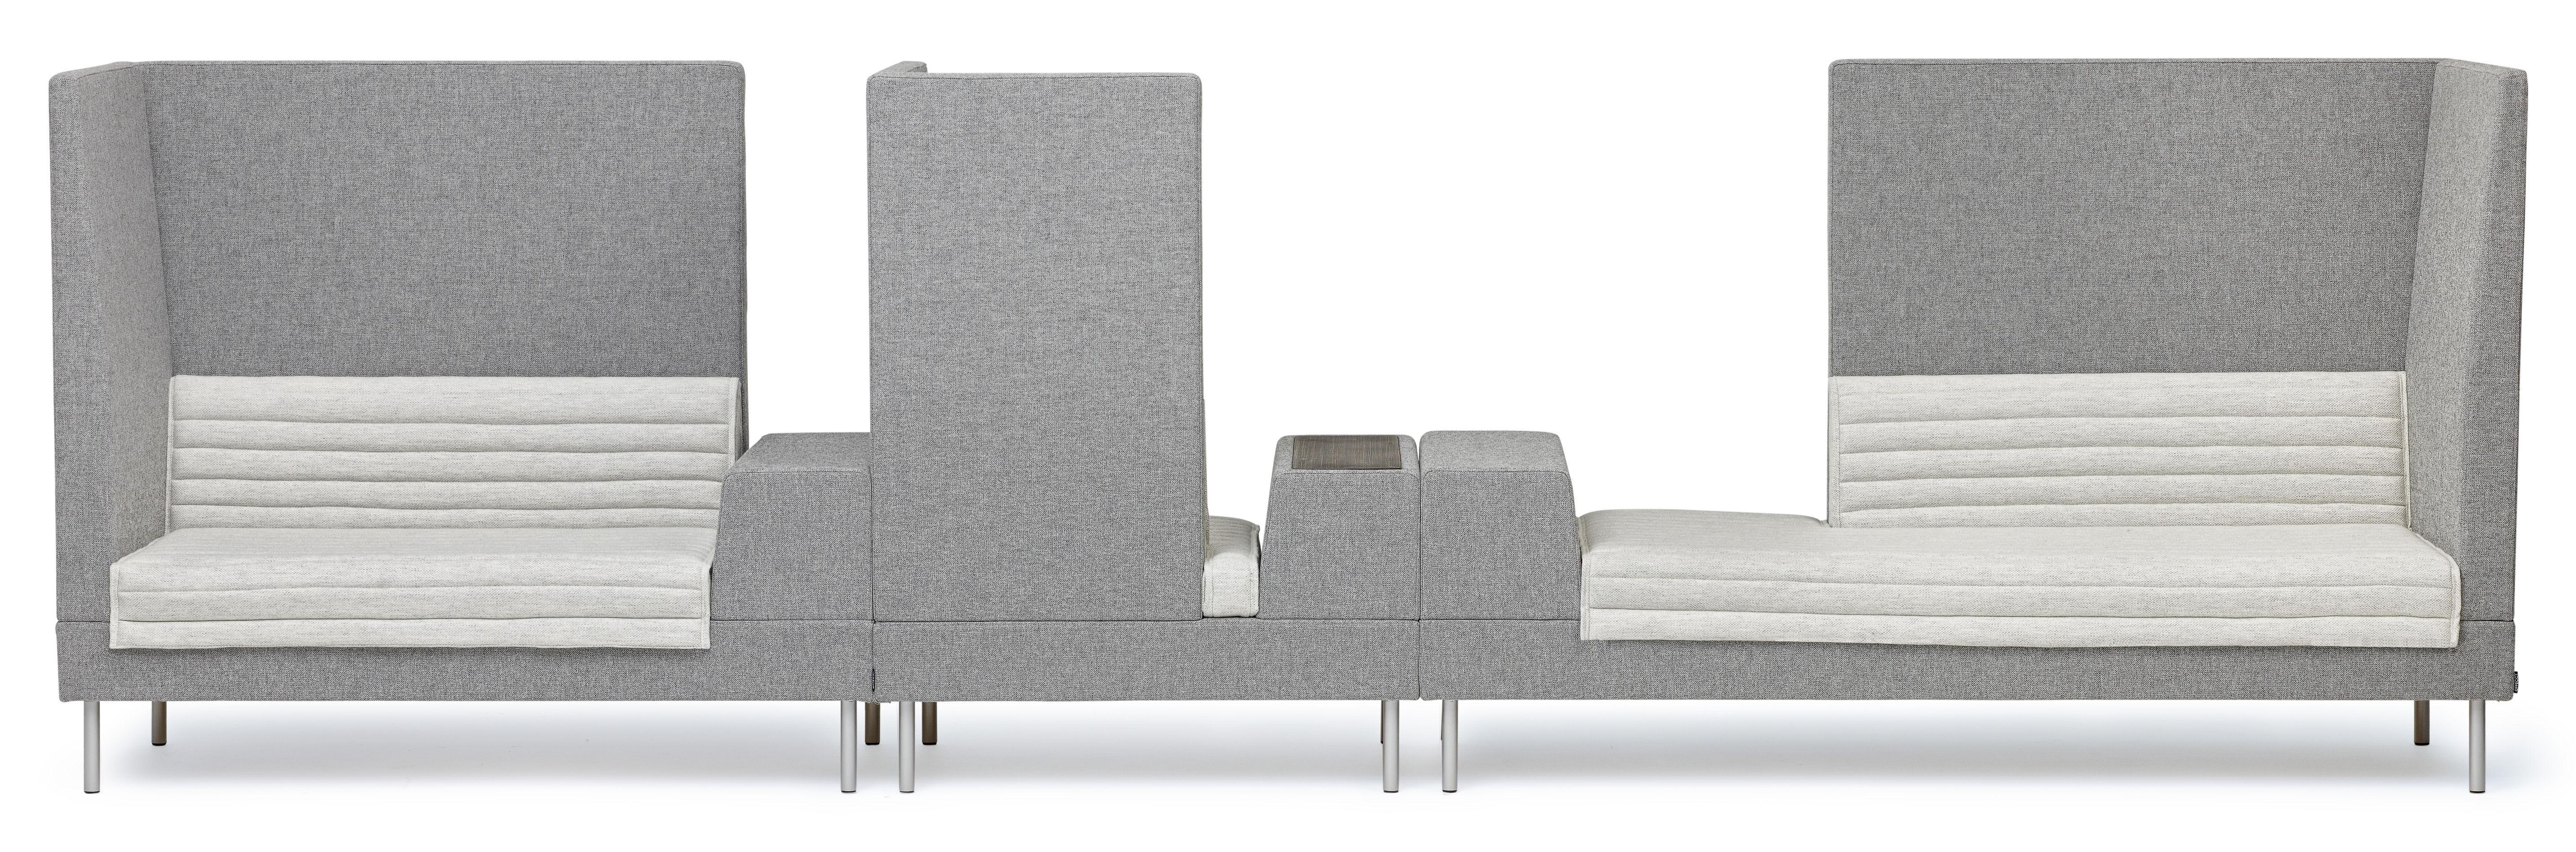 Mobilier - Canapés - Canapé droit Smallroom / angle droit - L 200 cm - Offecct - Gris - Angle droit - Acier chromé, Bois, Mousse, Tissu